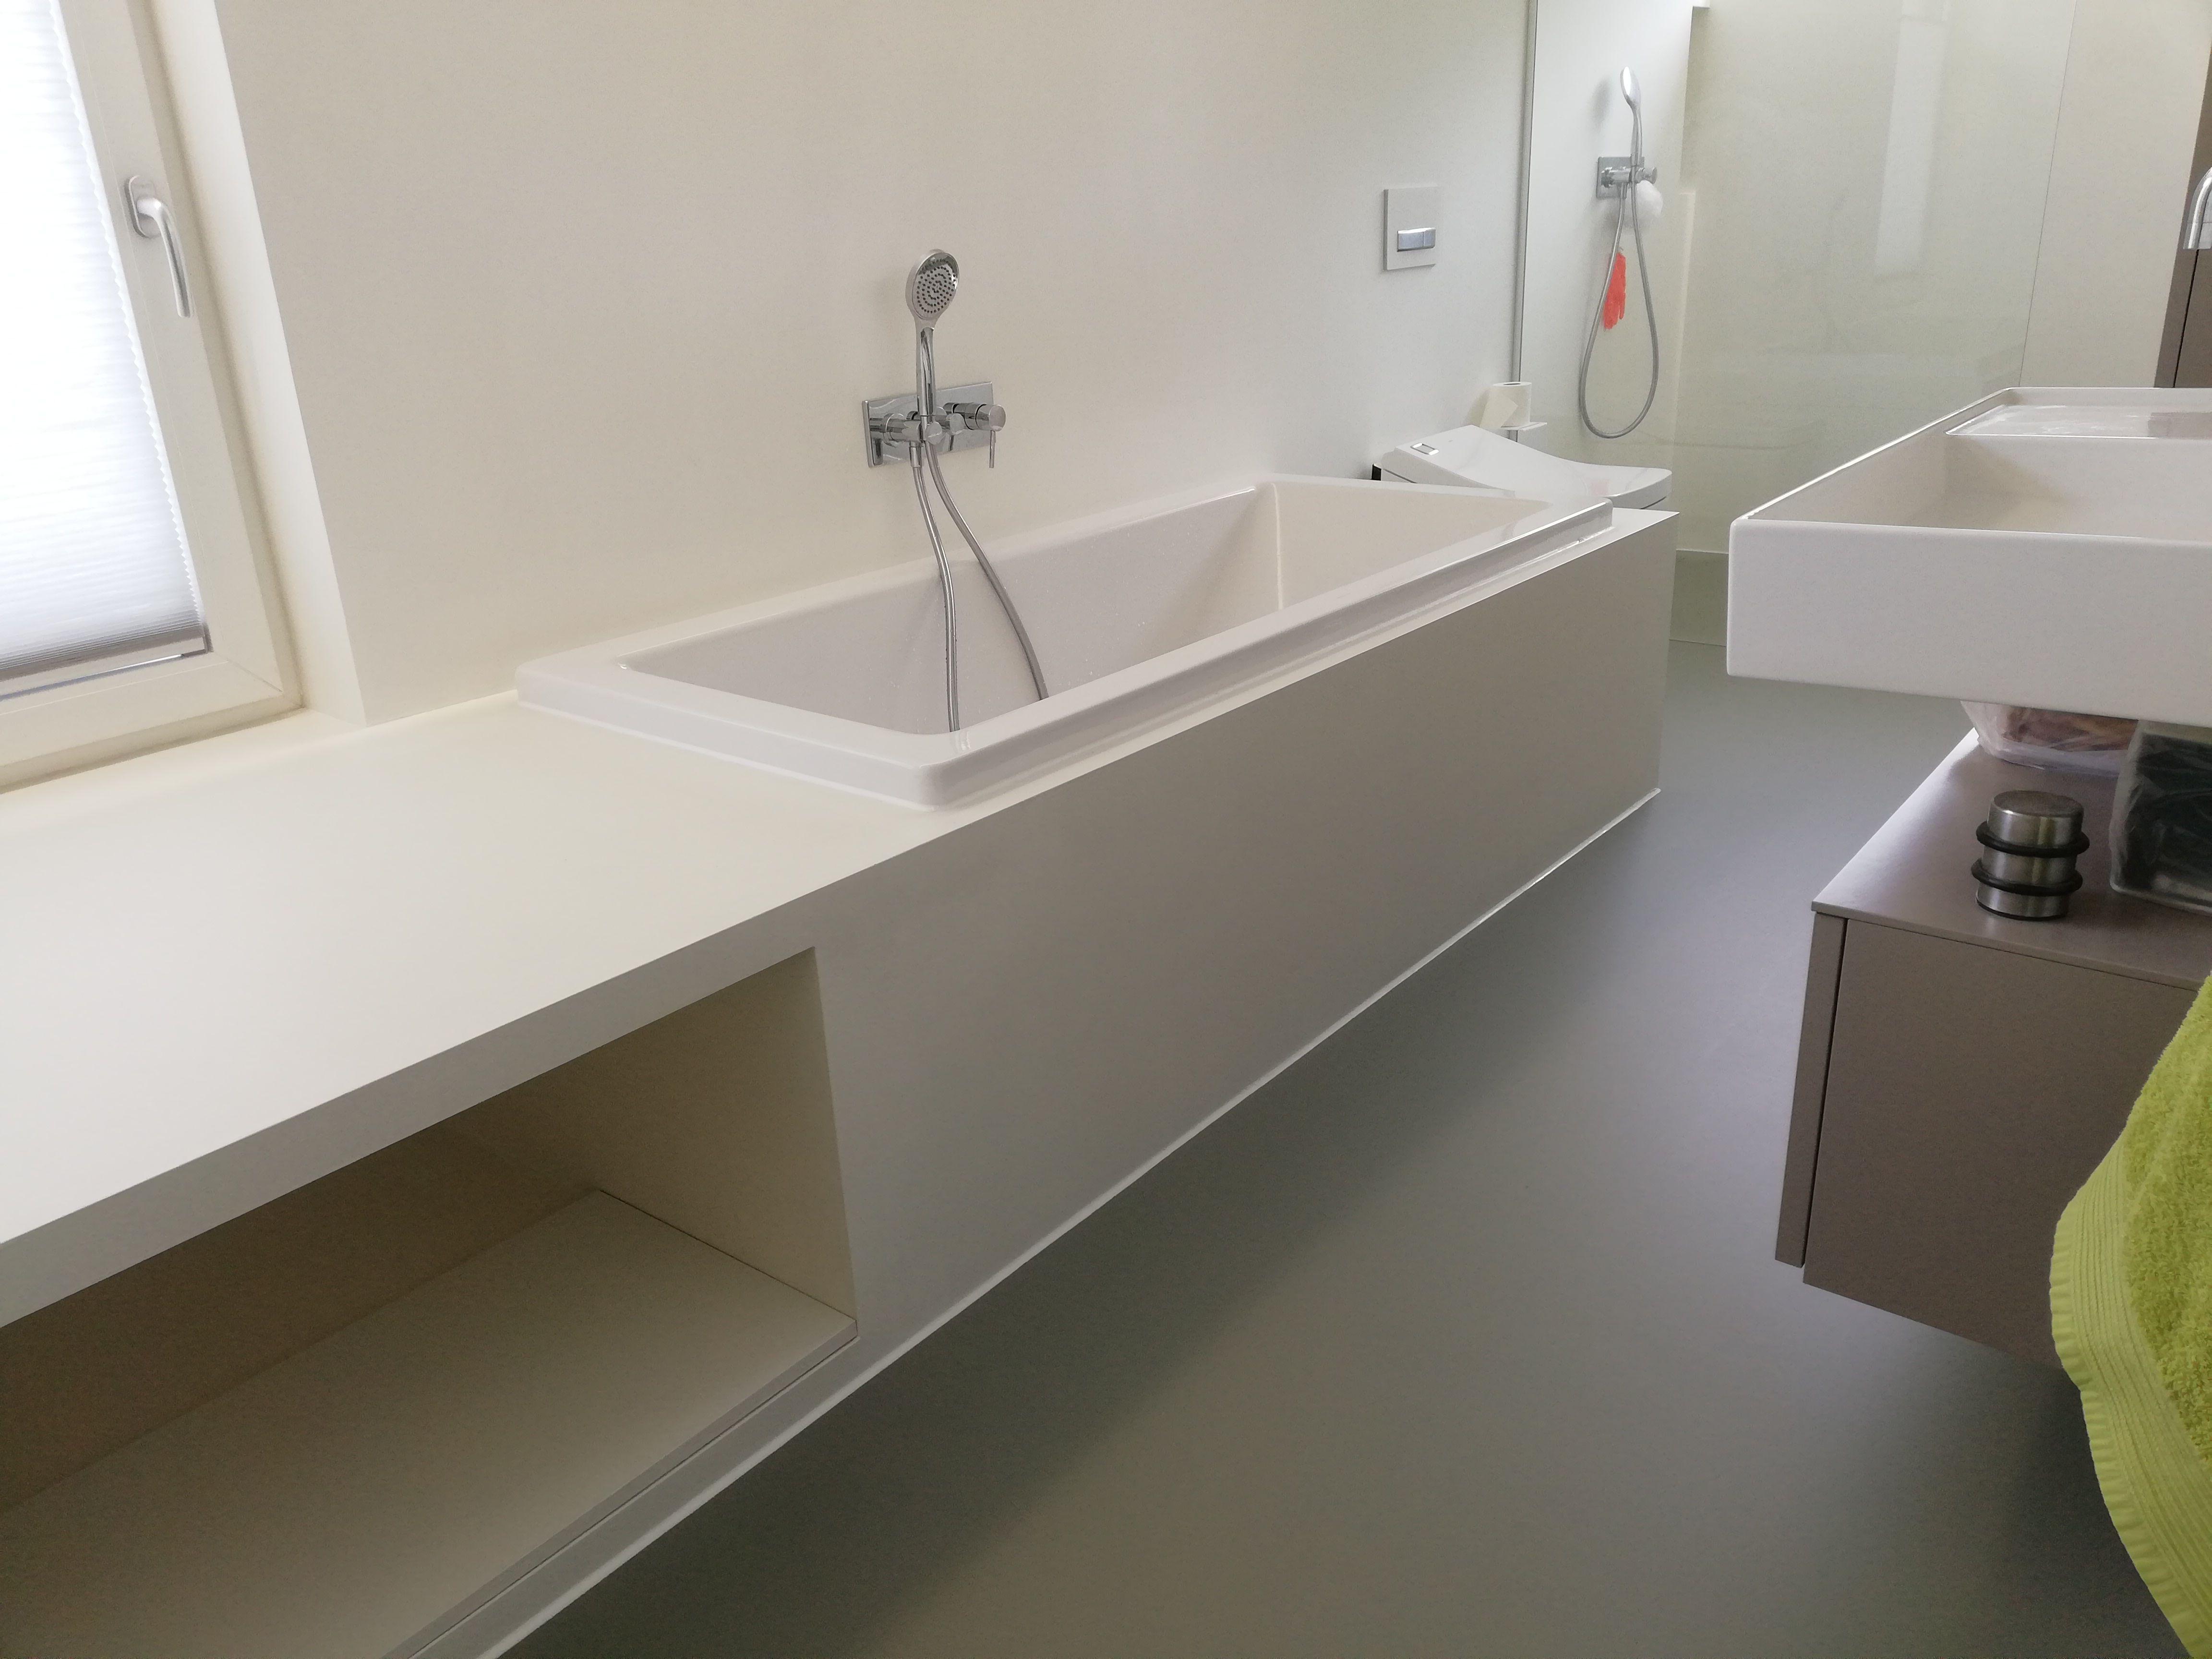 3d Fußboden Lehrgang ~ Stedfloor pu bodenbeschichtung im dusche d boden corner